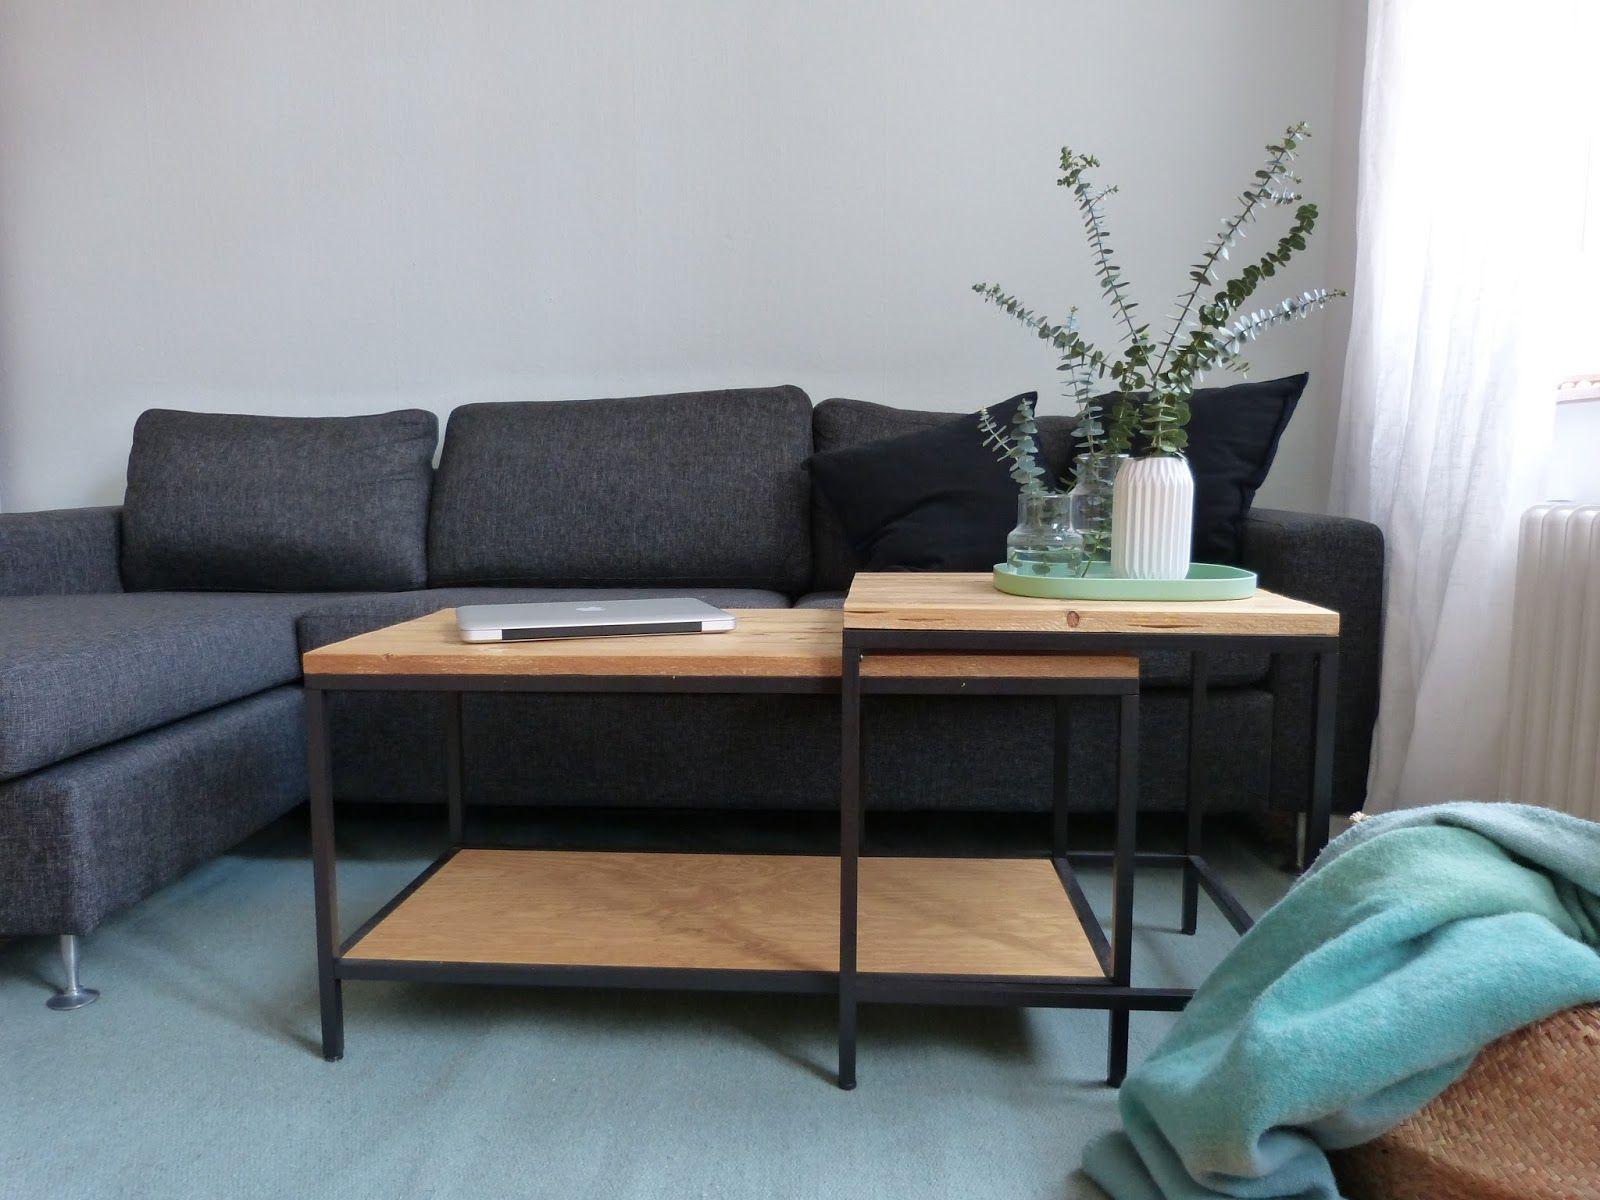 Schön Einrichtung Design Sammlung Von Mintundmeer.de Ist Ein Design über Einrichtung, Und